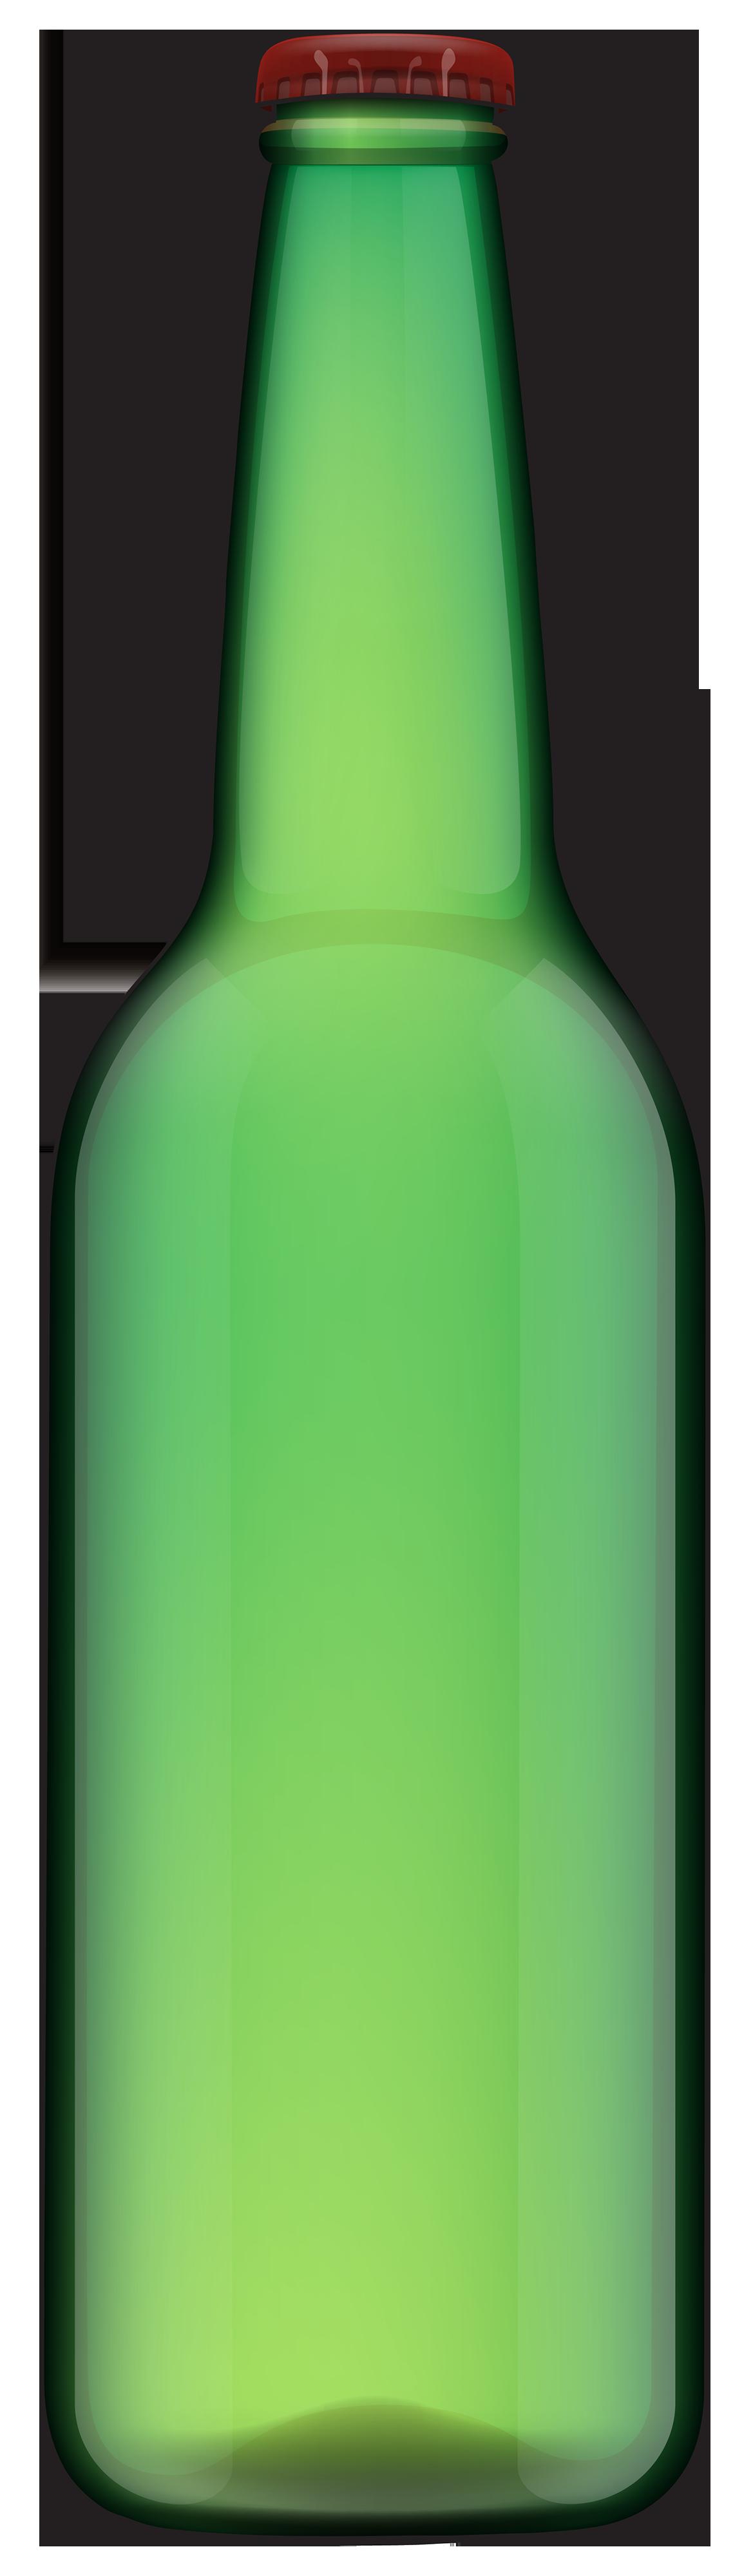 1169x4000 Beer Bottle Clip Art Clipartlook